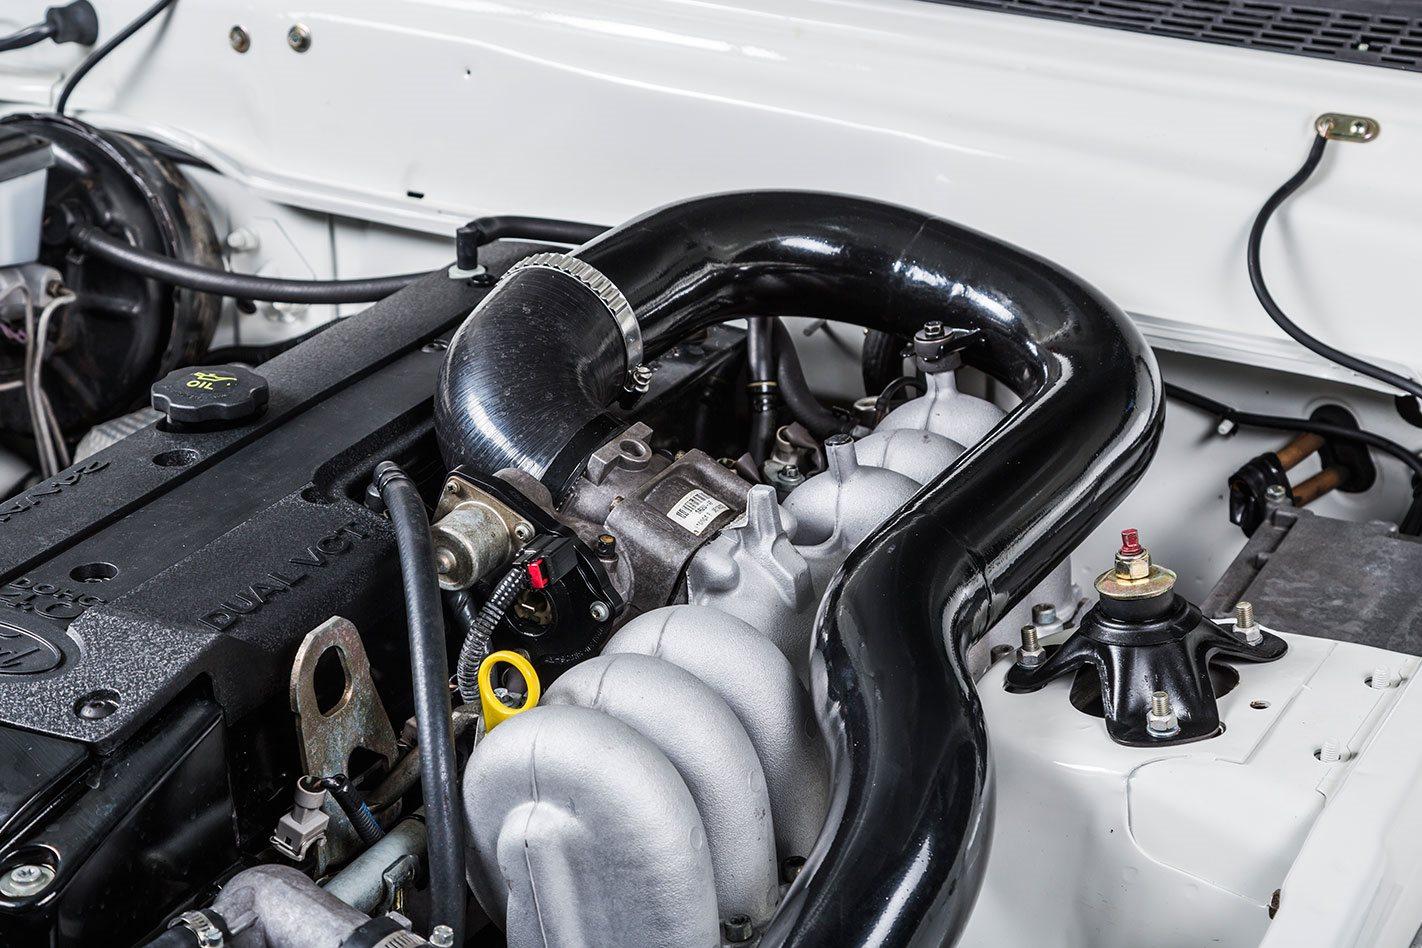 Falcon XE ute engine